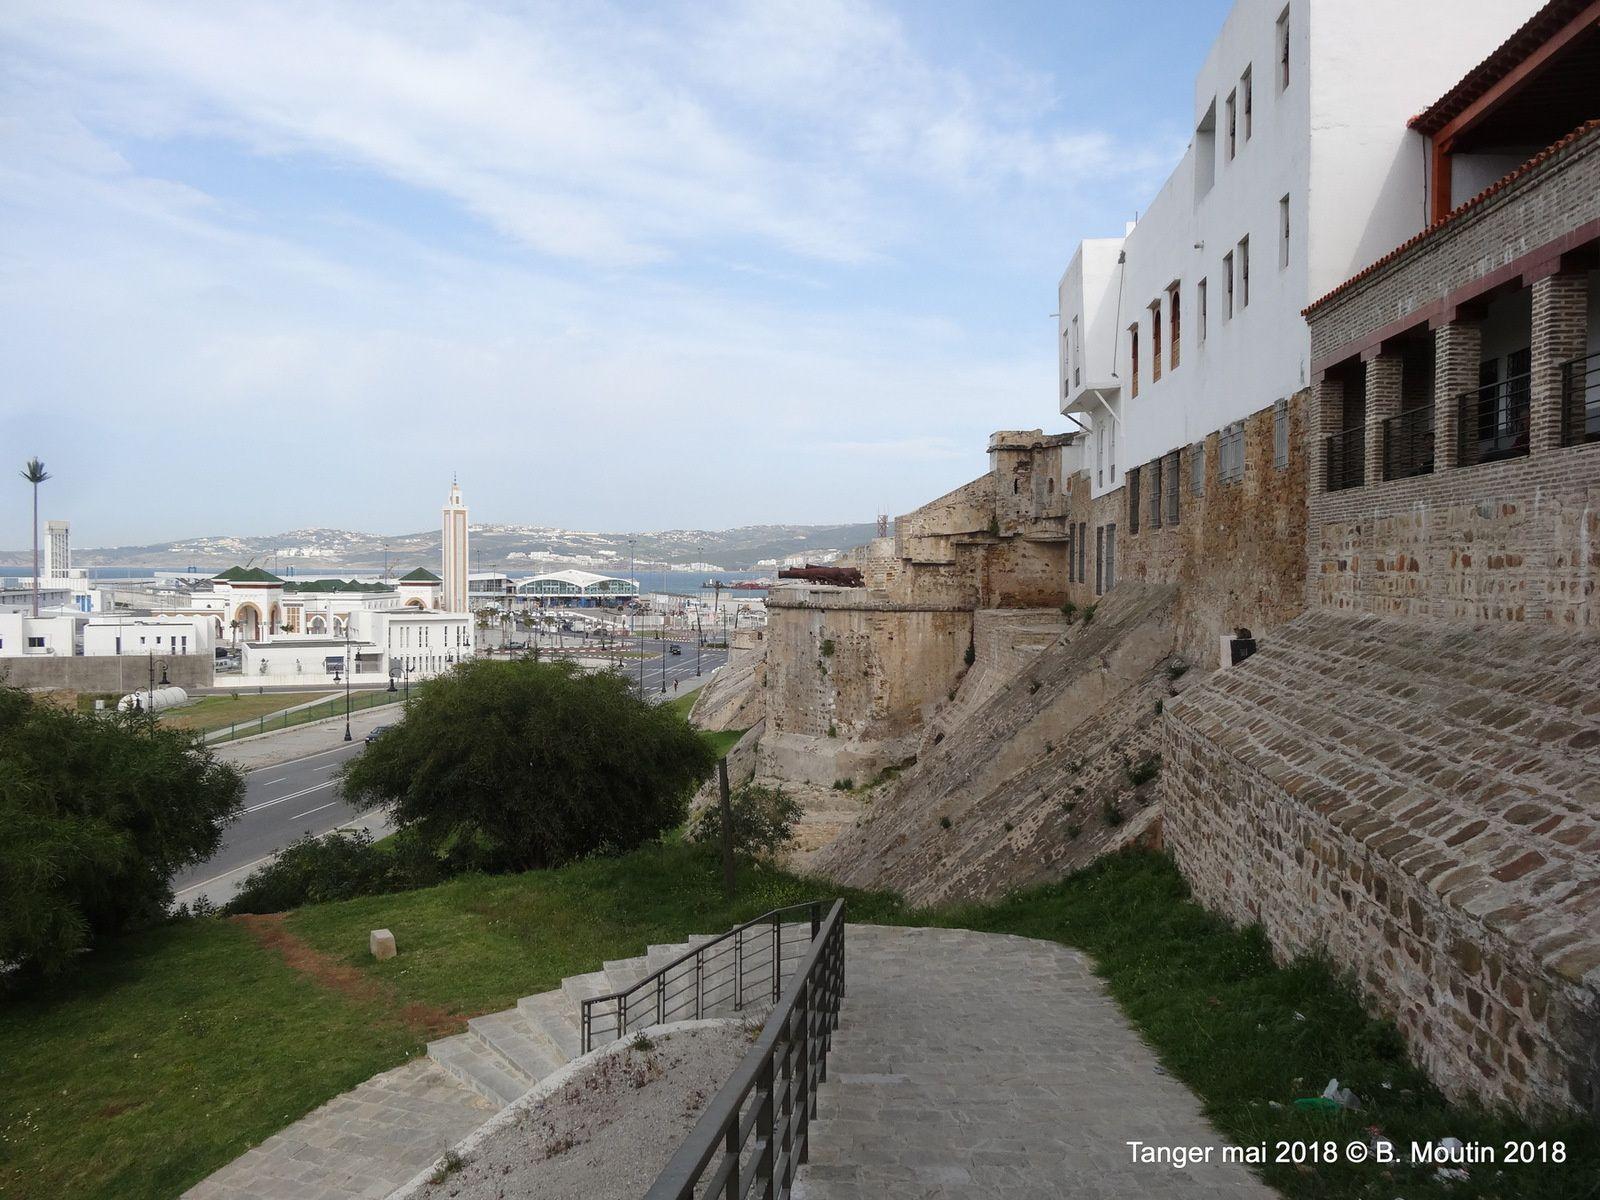 Cheminement le long de la muraille de la medina de Tanger (7 photos)